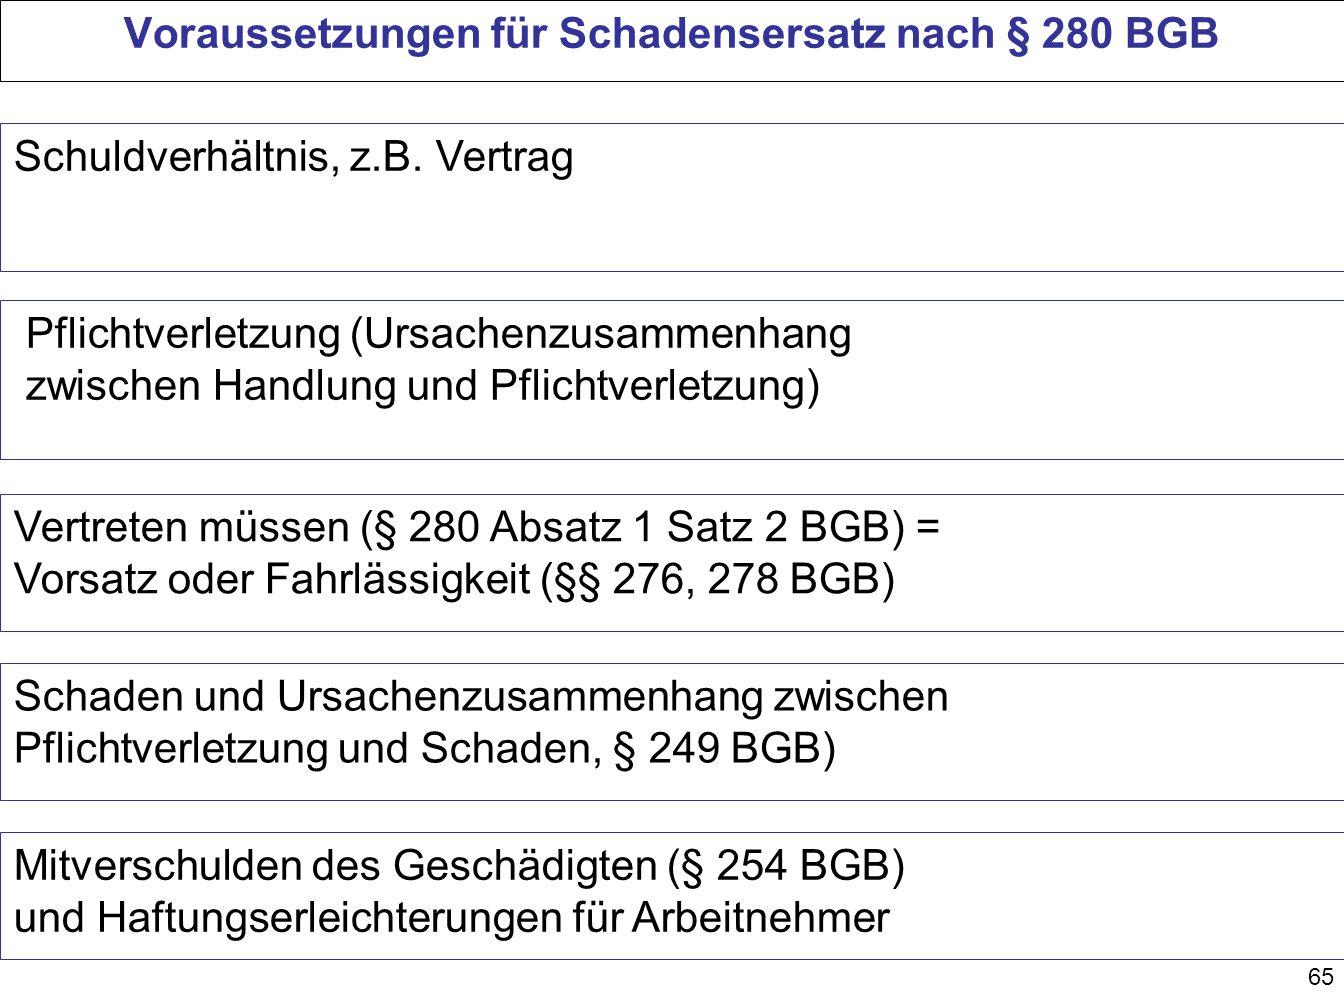 Voraussetzungen für Schadensersatz nach § 280 BGB